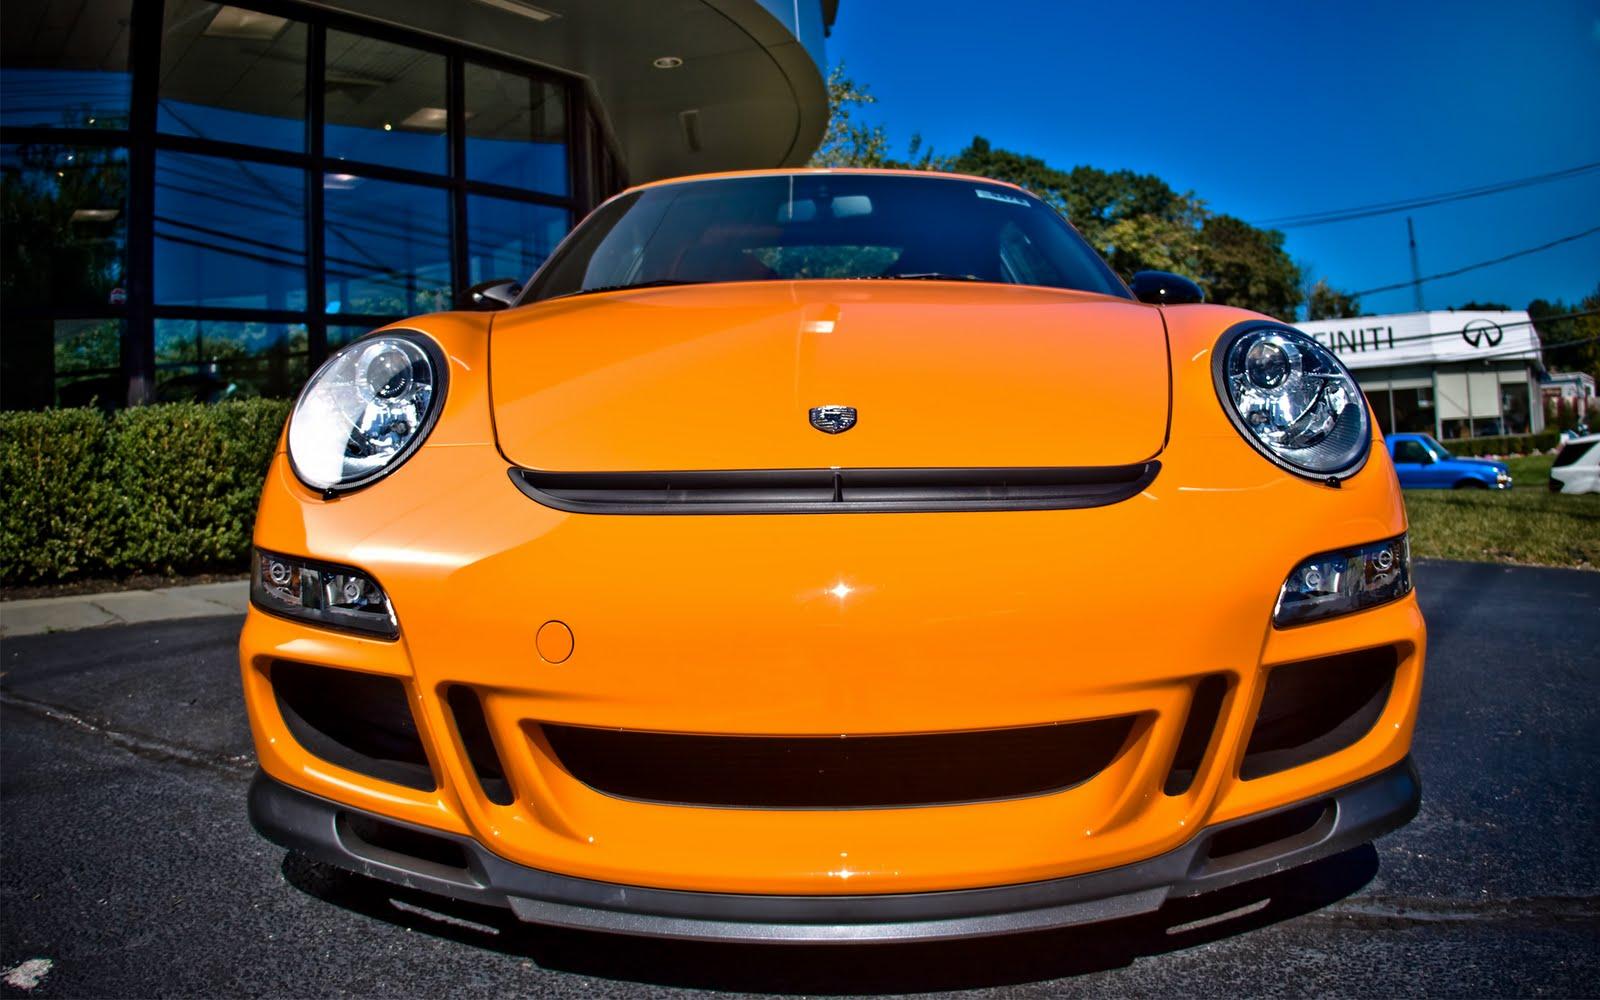 Porsche 911 Gt3 Rs Wallpaper: Wallpaper Warehouse - Free